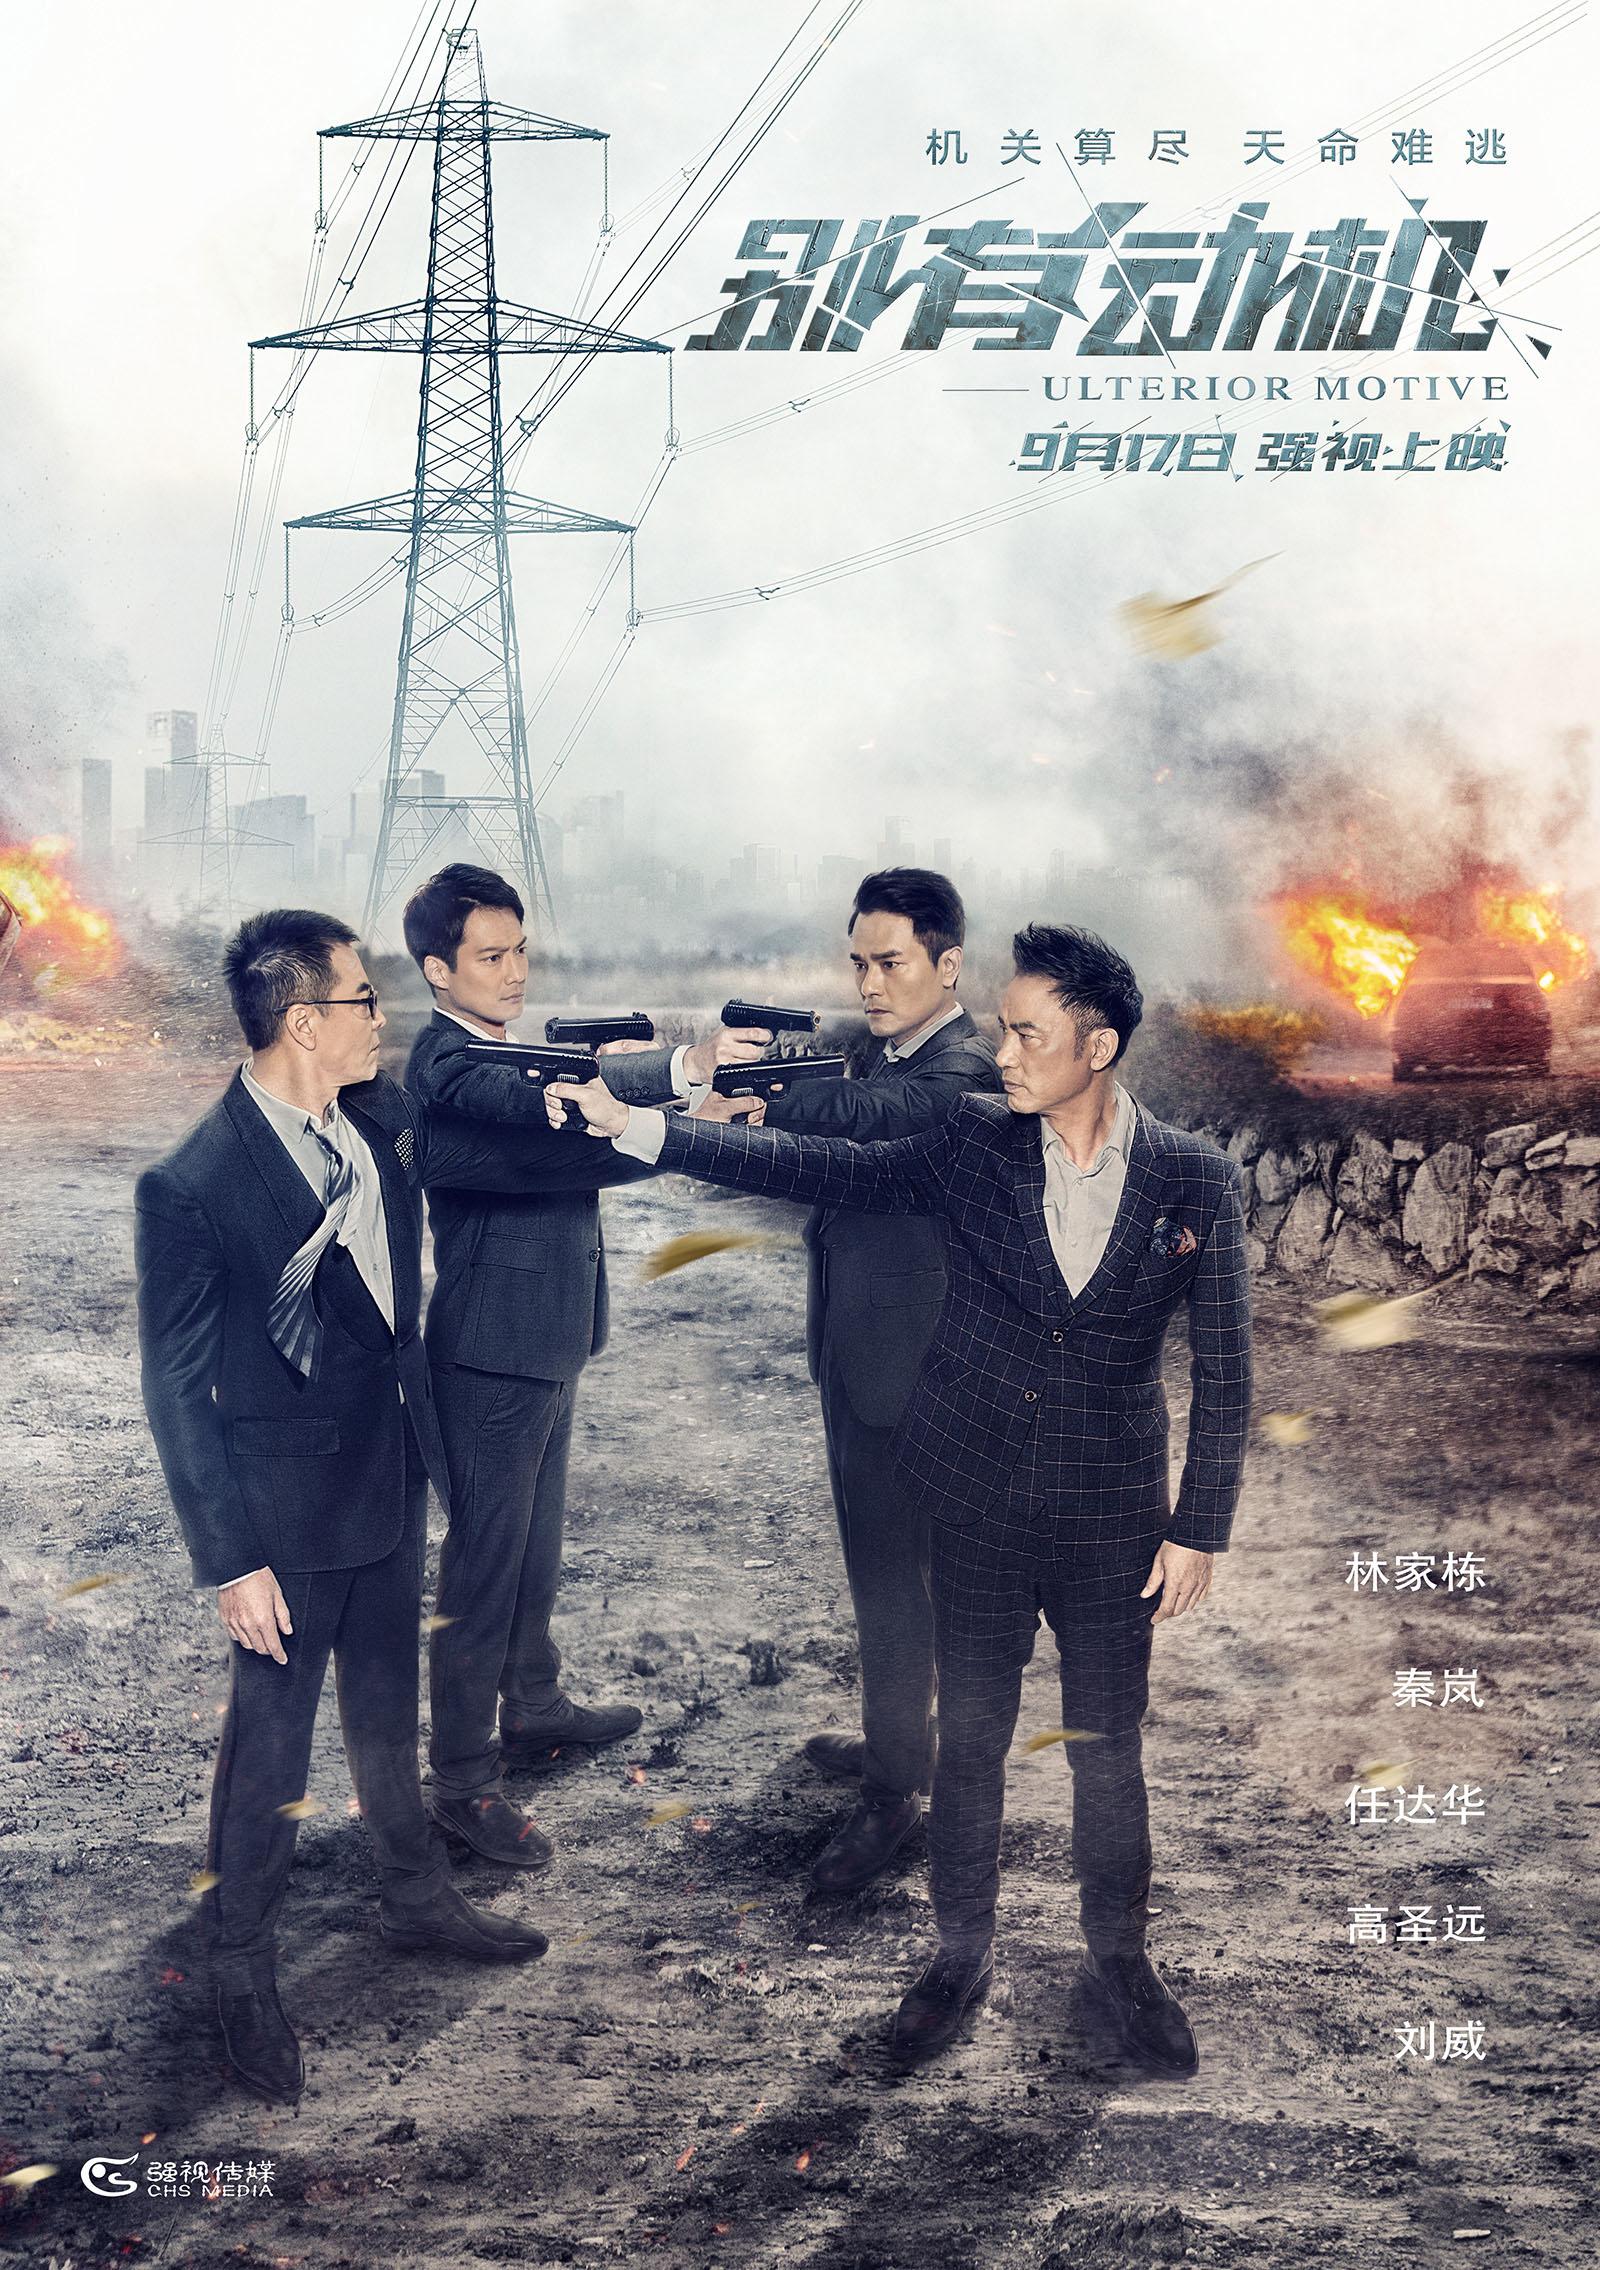 2015年林家栋秦岚悬疑犯罪片《别有动机》HD中英双字迅雷下载